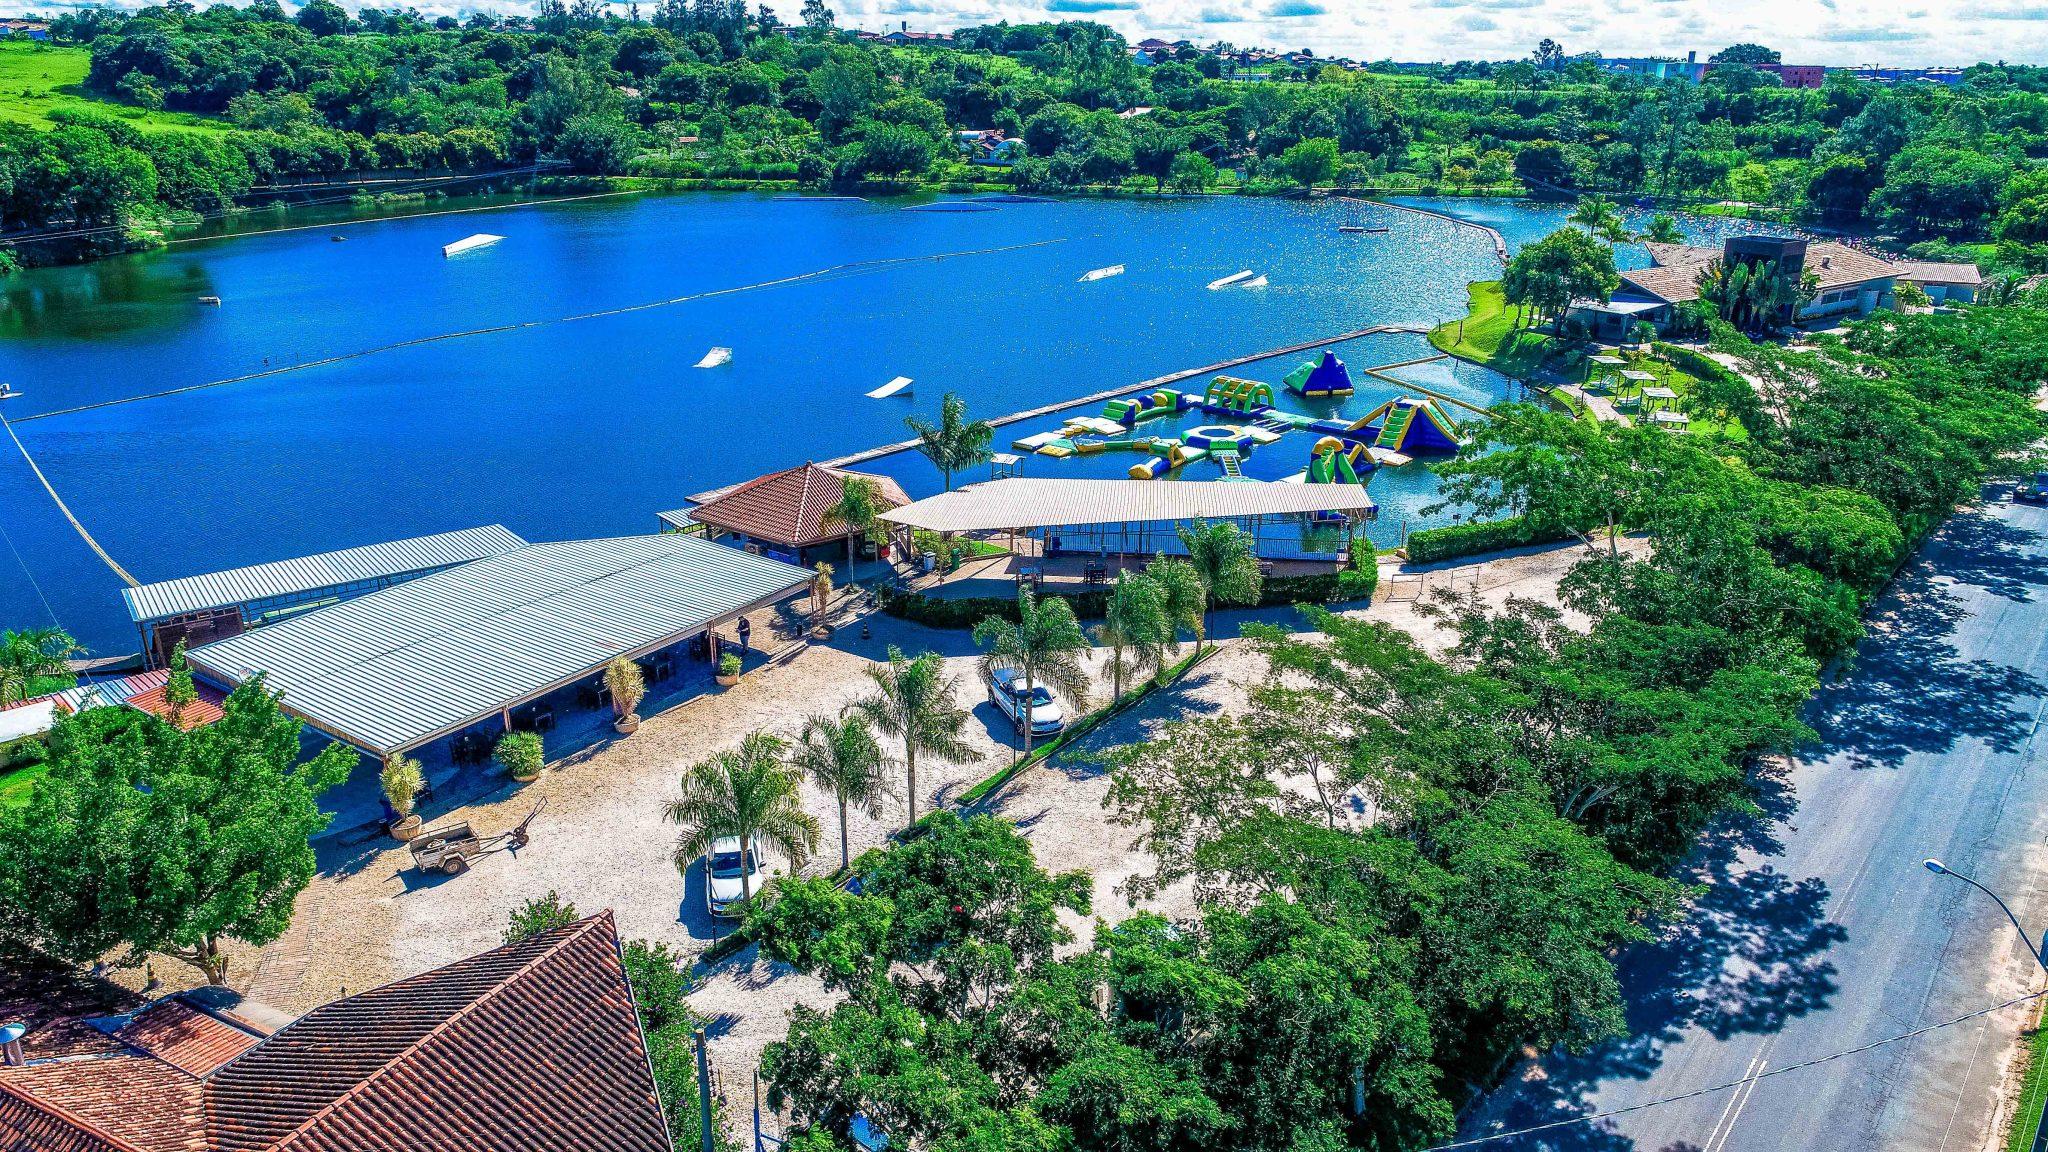 Vista aérea do lago do Naga Cable Park mostrando o quiosque, o Naga Floats e o Full Size